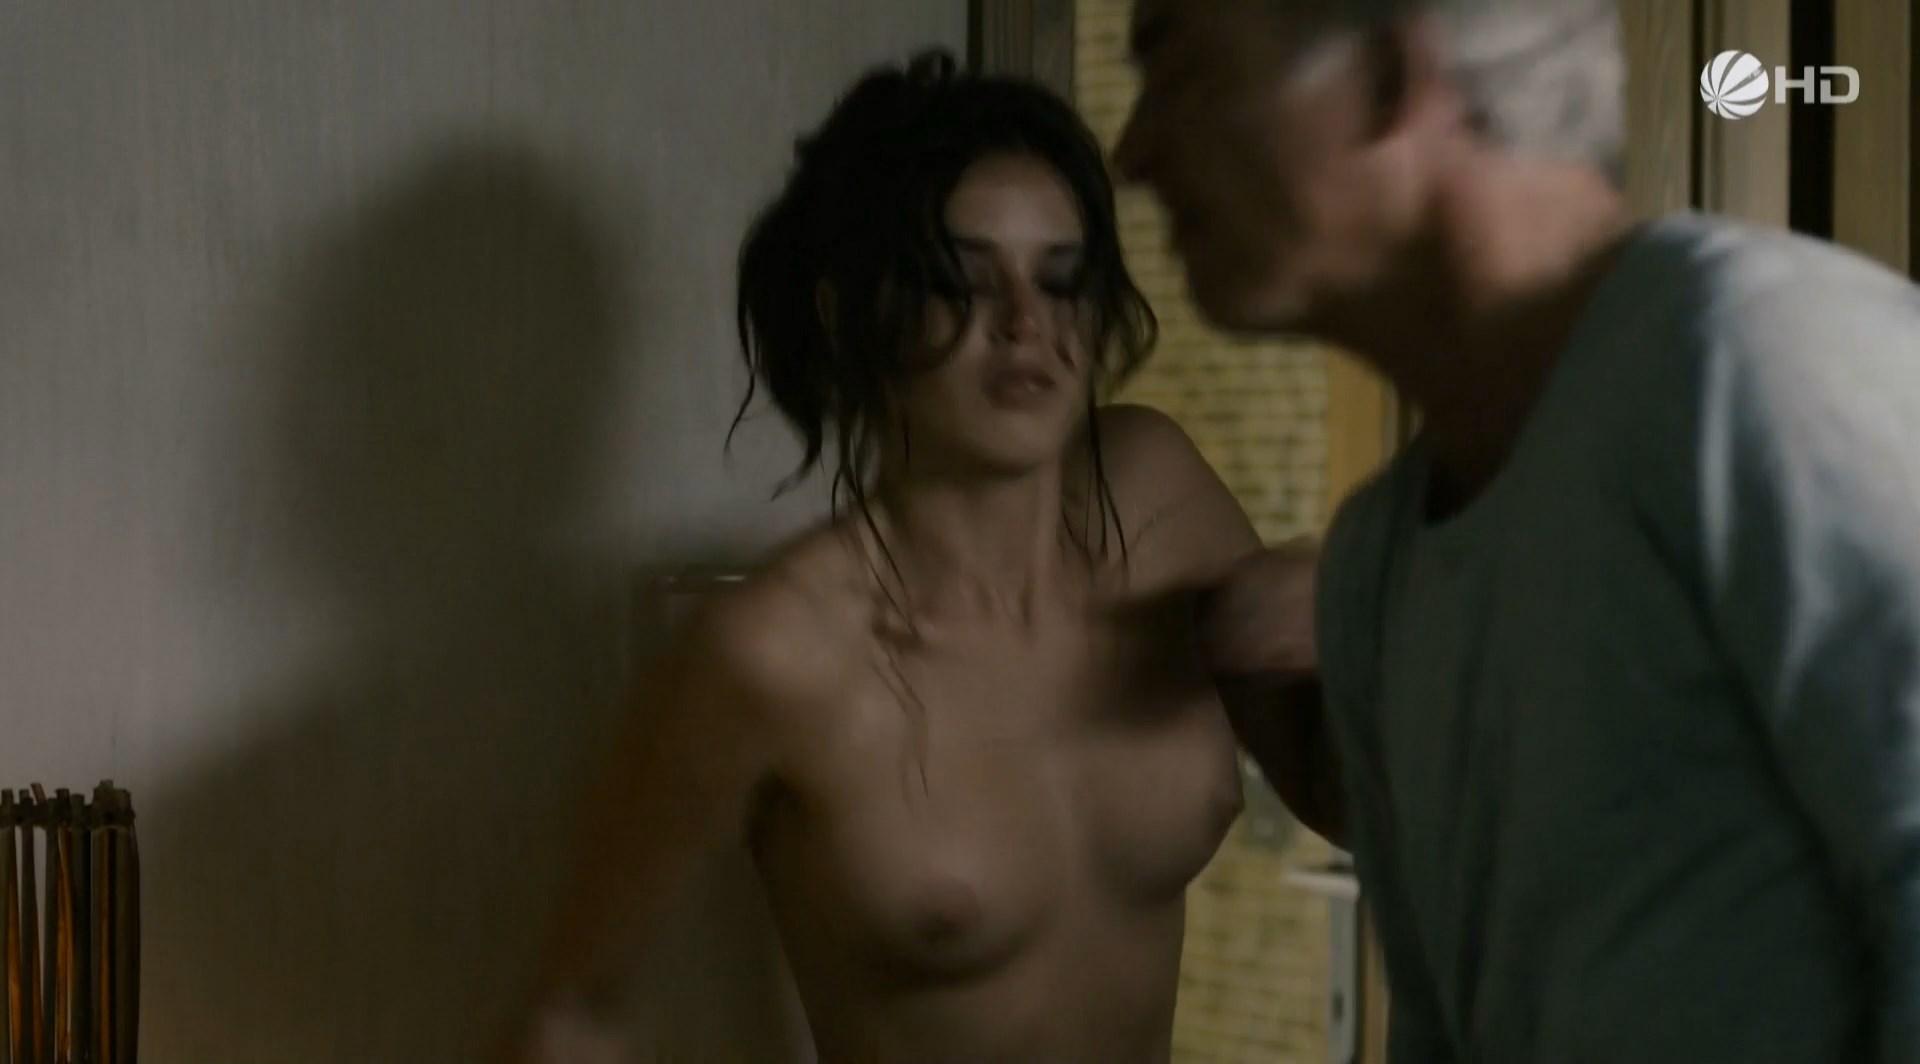 Xenia Assenza nude - Die Verfuhrung - Das fremde Madchen (2011)